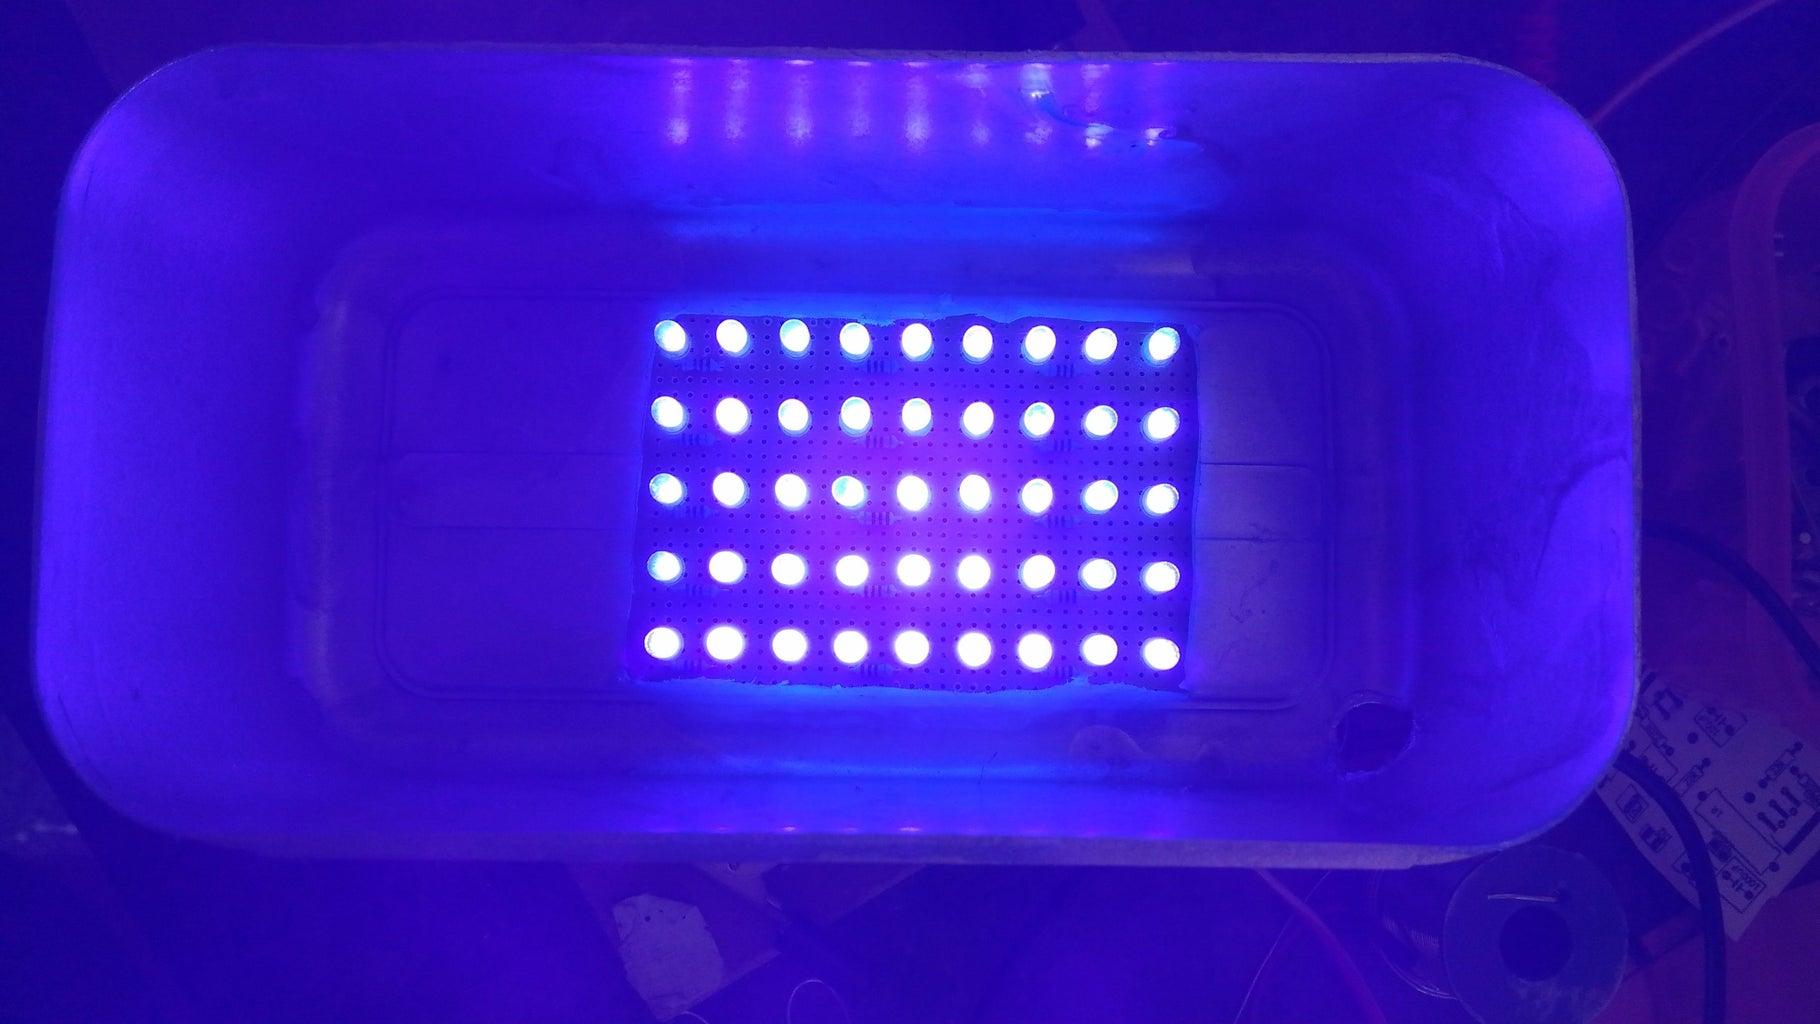 UV Exposure.